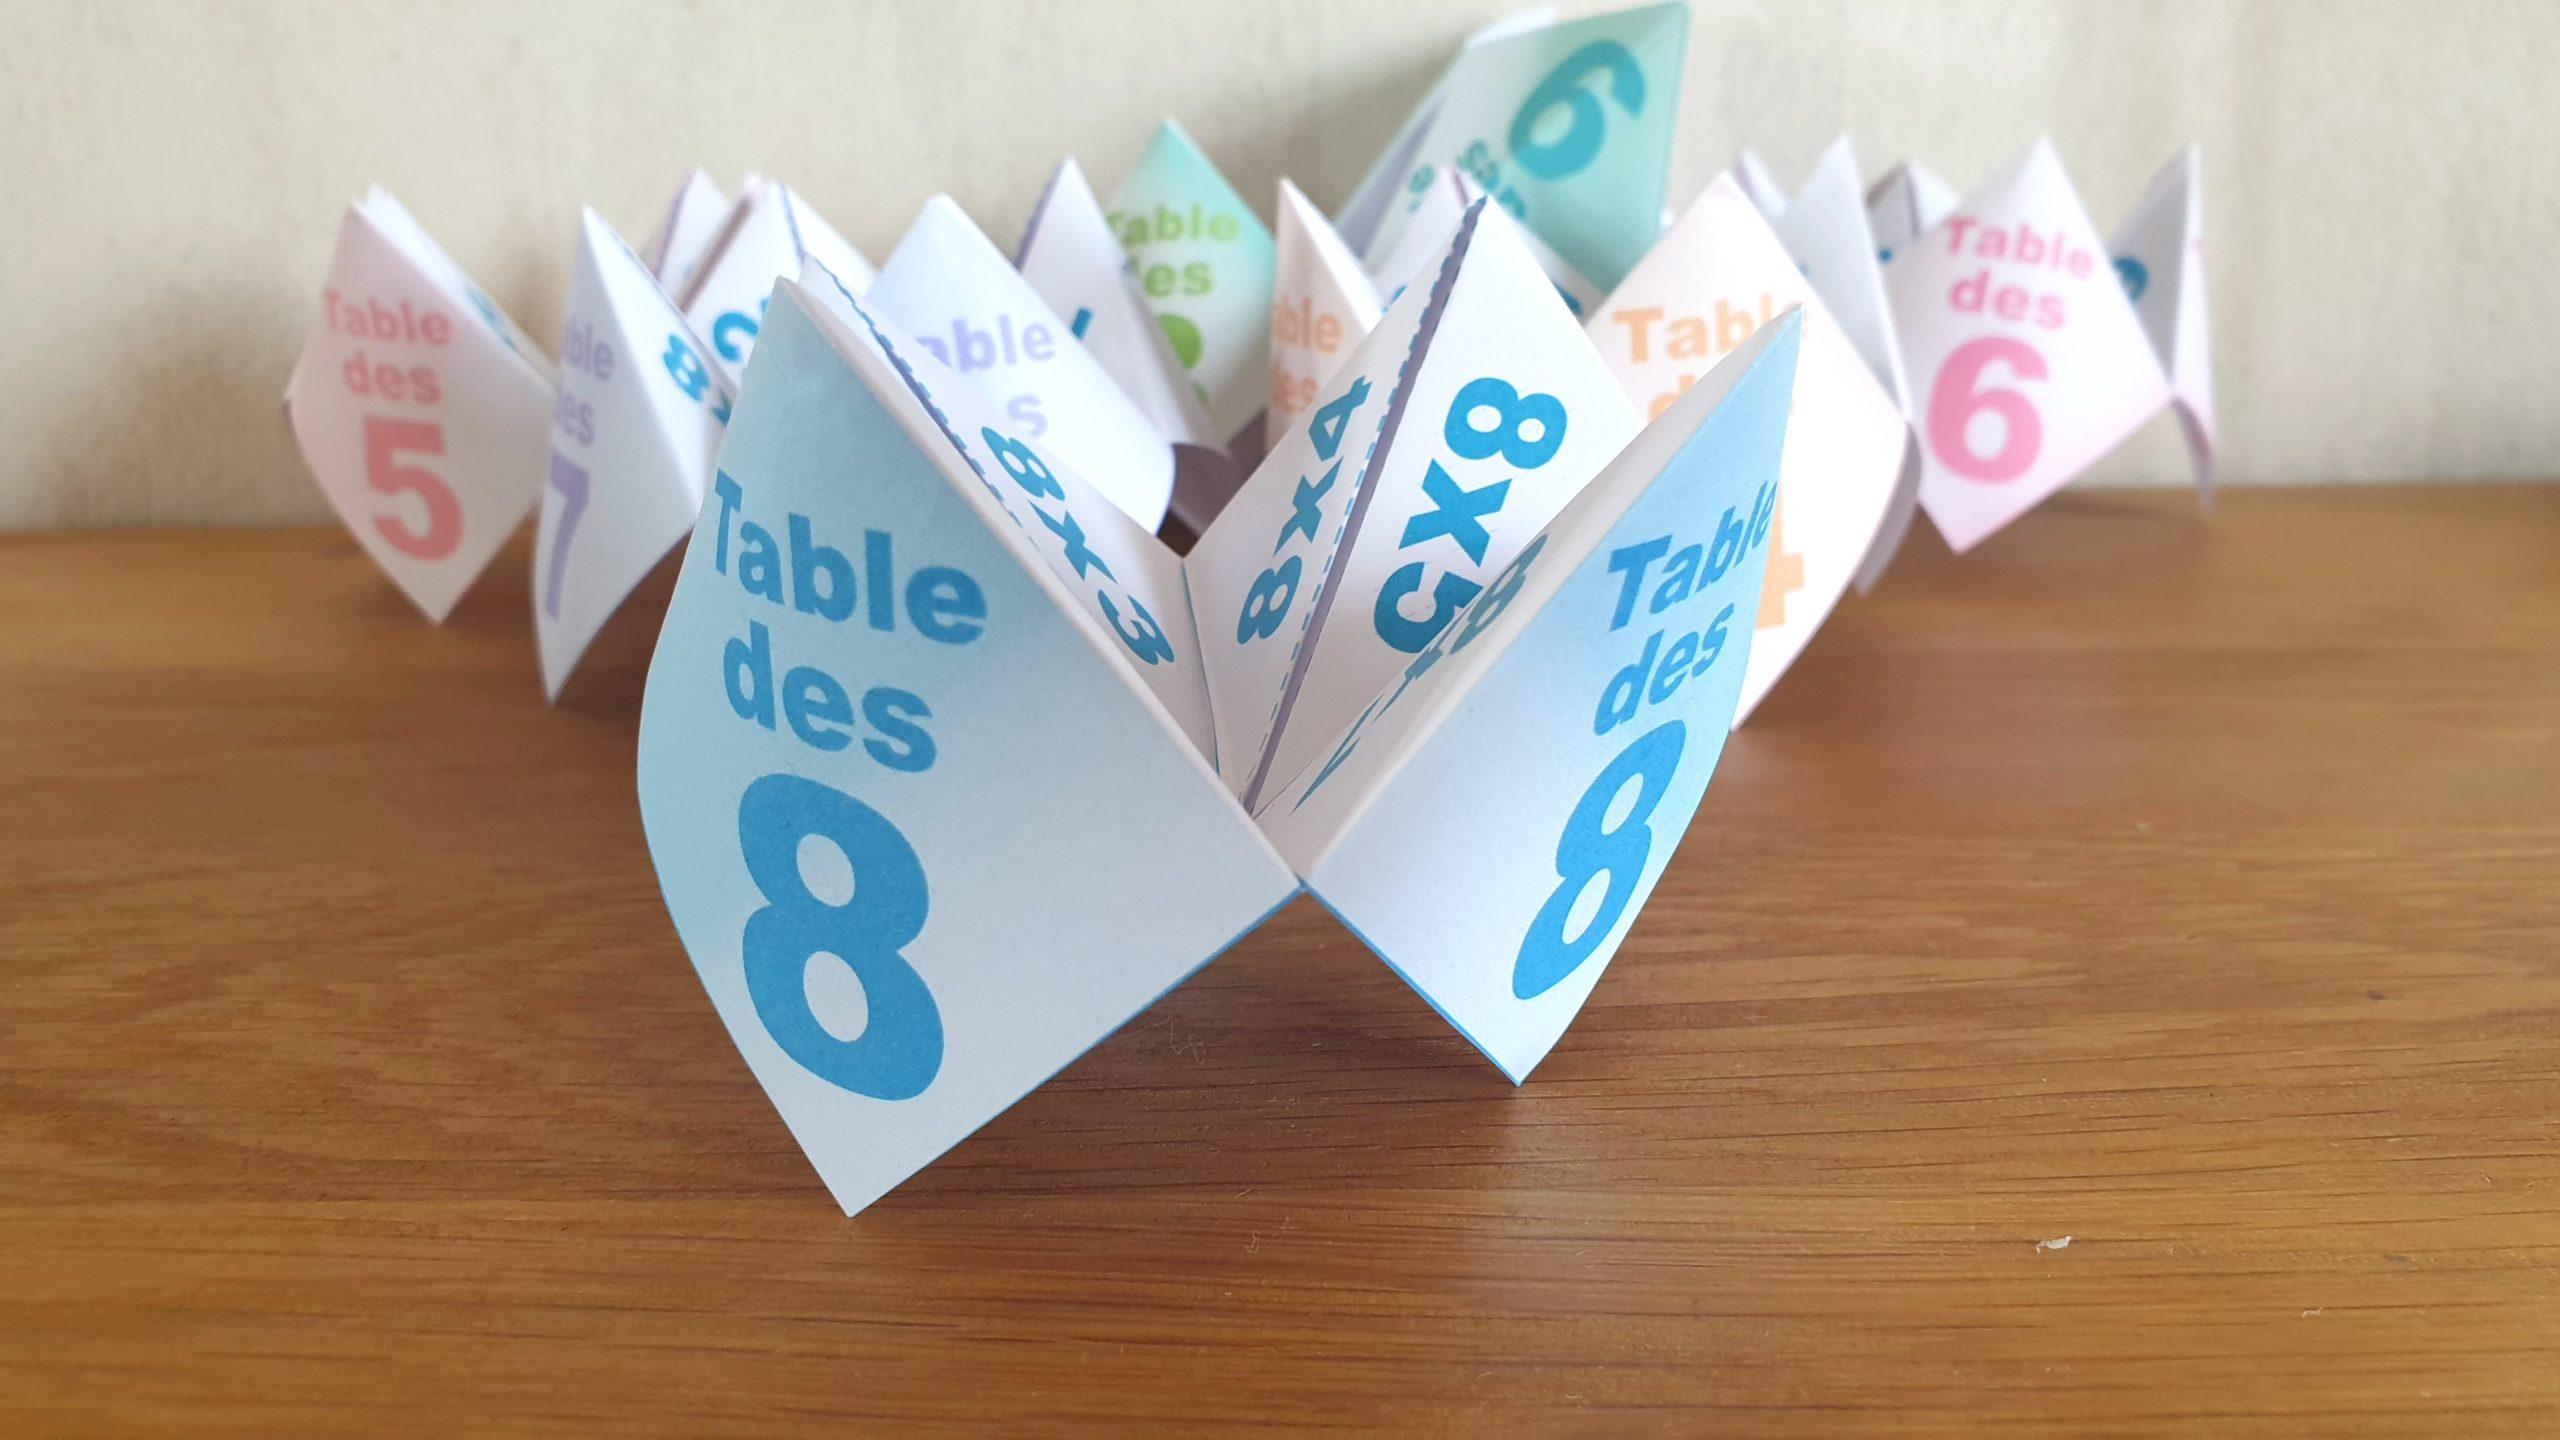 COCOTTE EN PAPIER: TABLE DES 8 (APPRENDRE LES MULTIPLICATIONS)